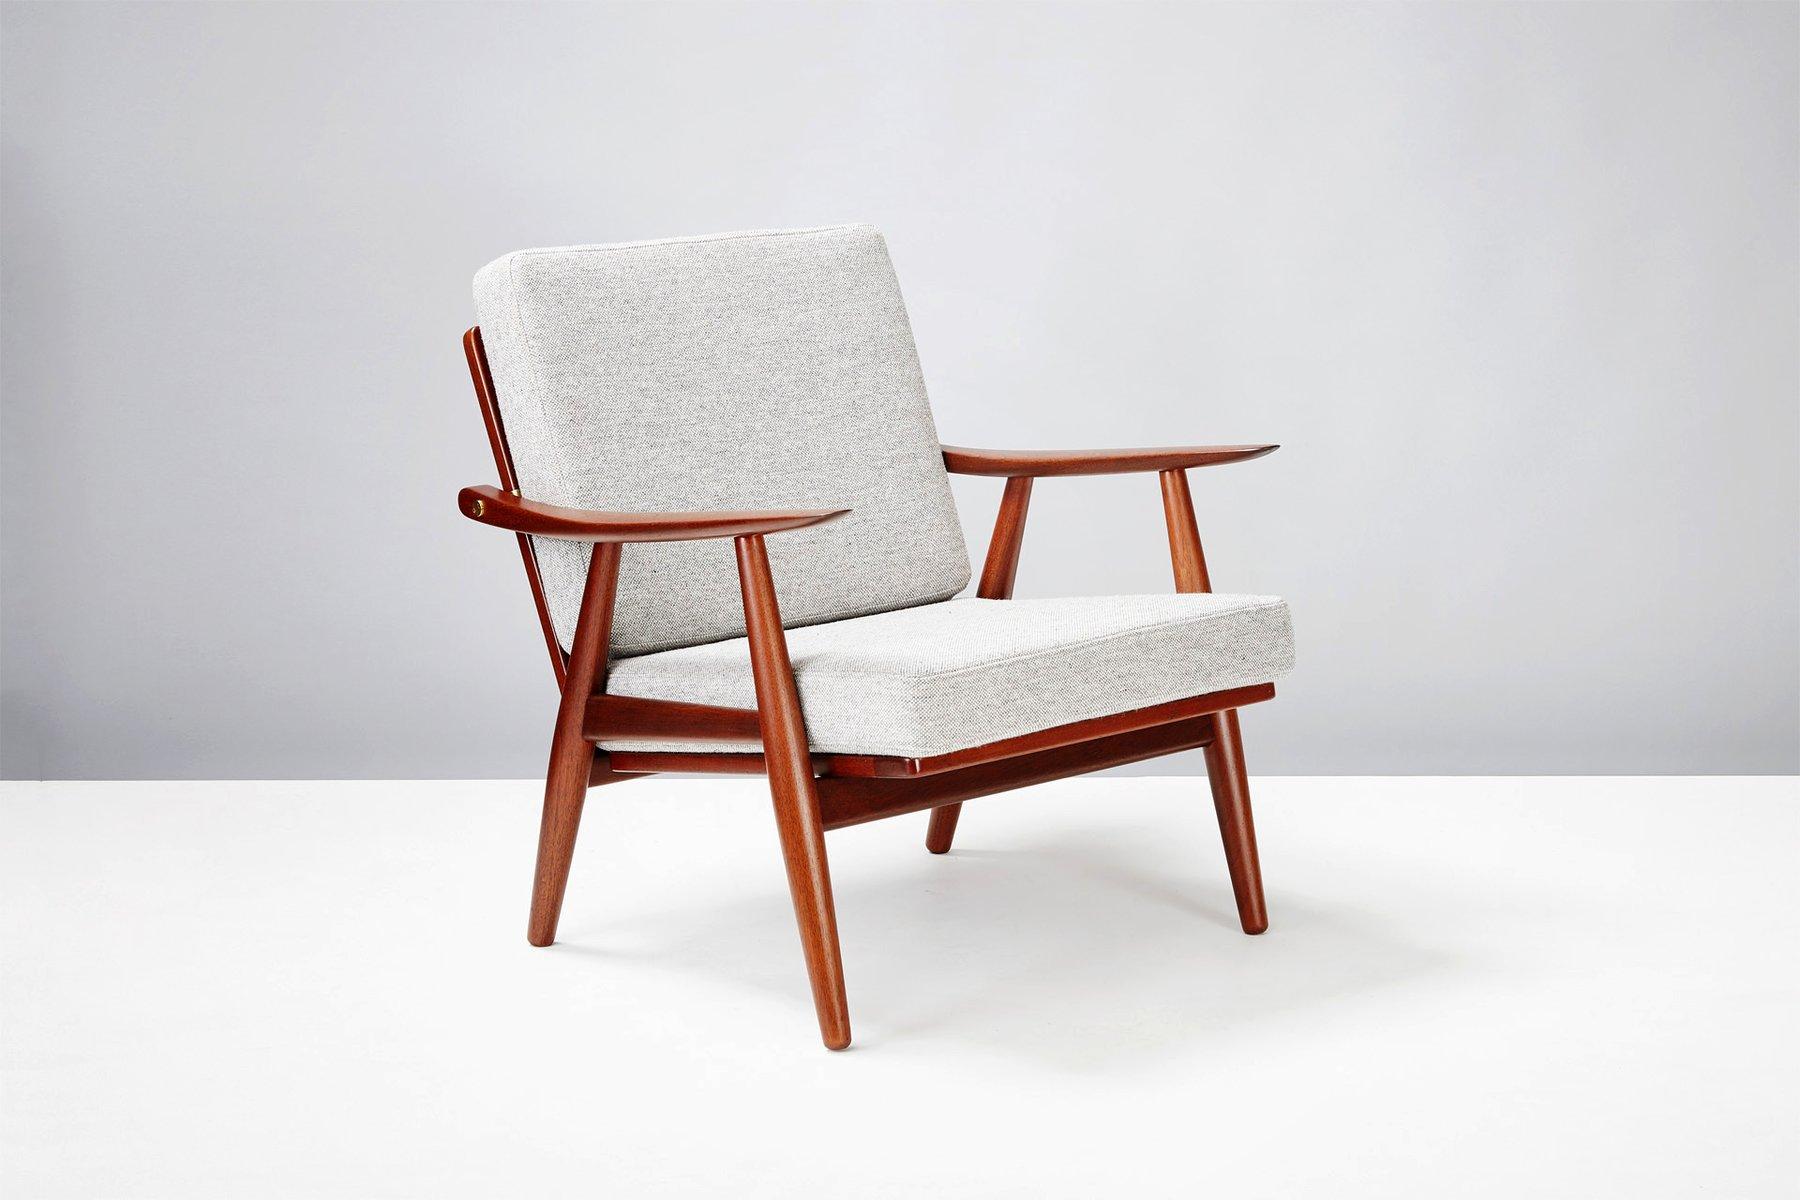 Wegner Sessel ge-270 sessel von hans wegner für getama, 1956 bei pamono kaufen